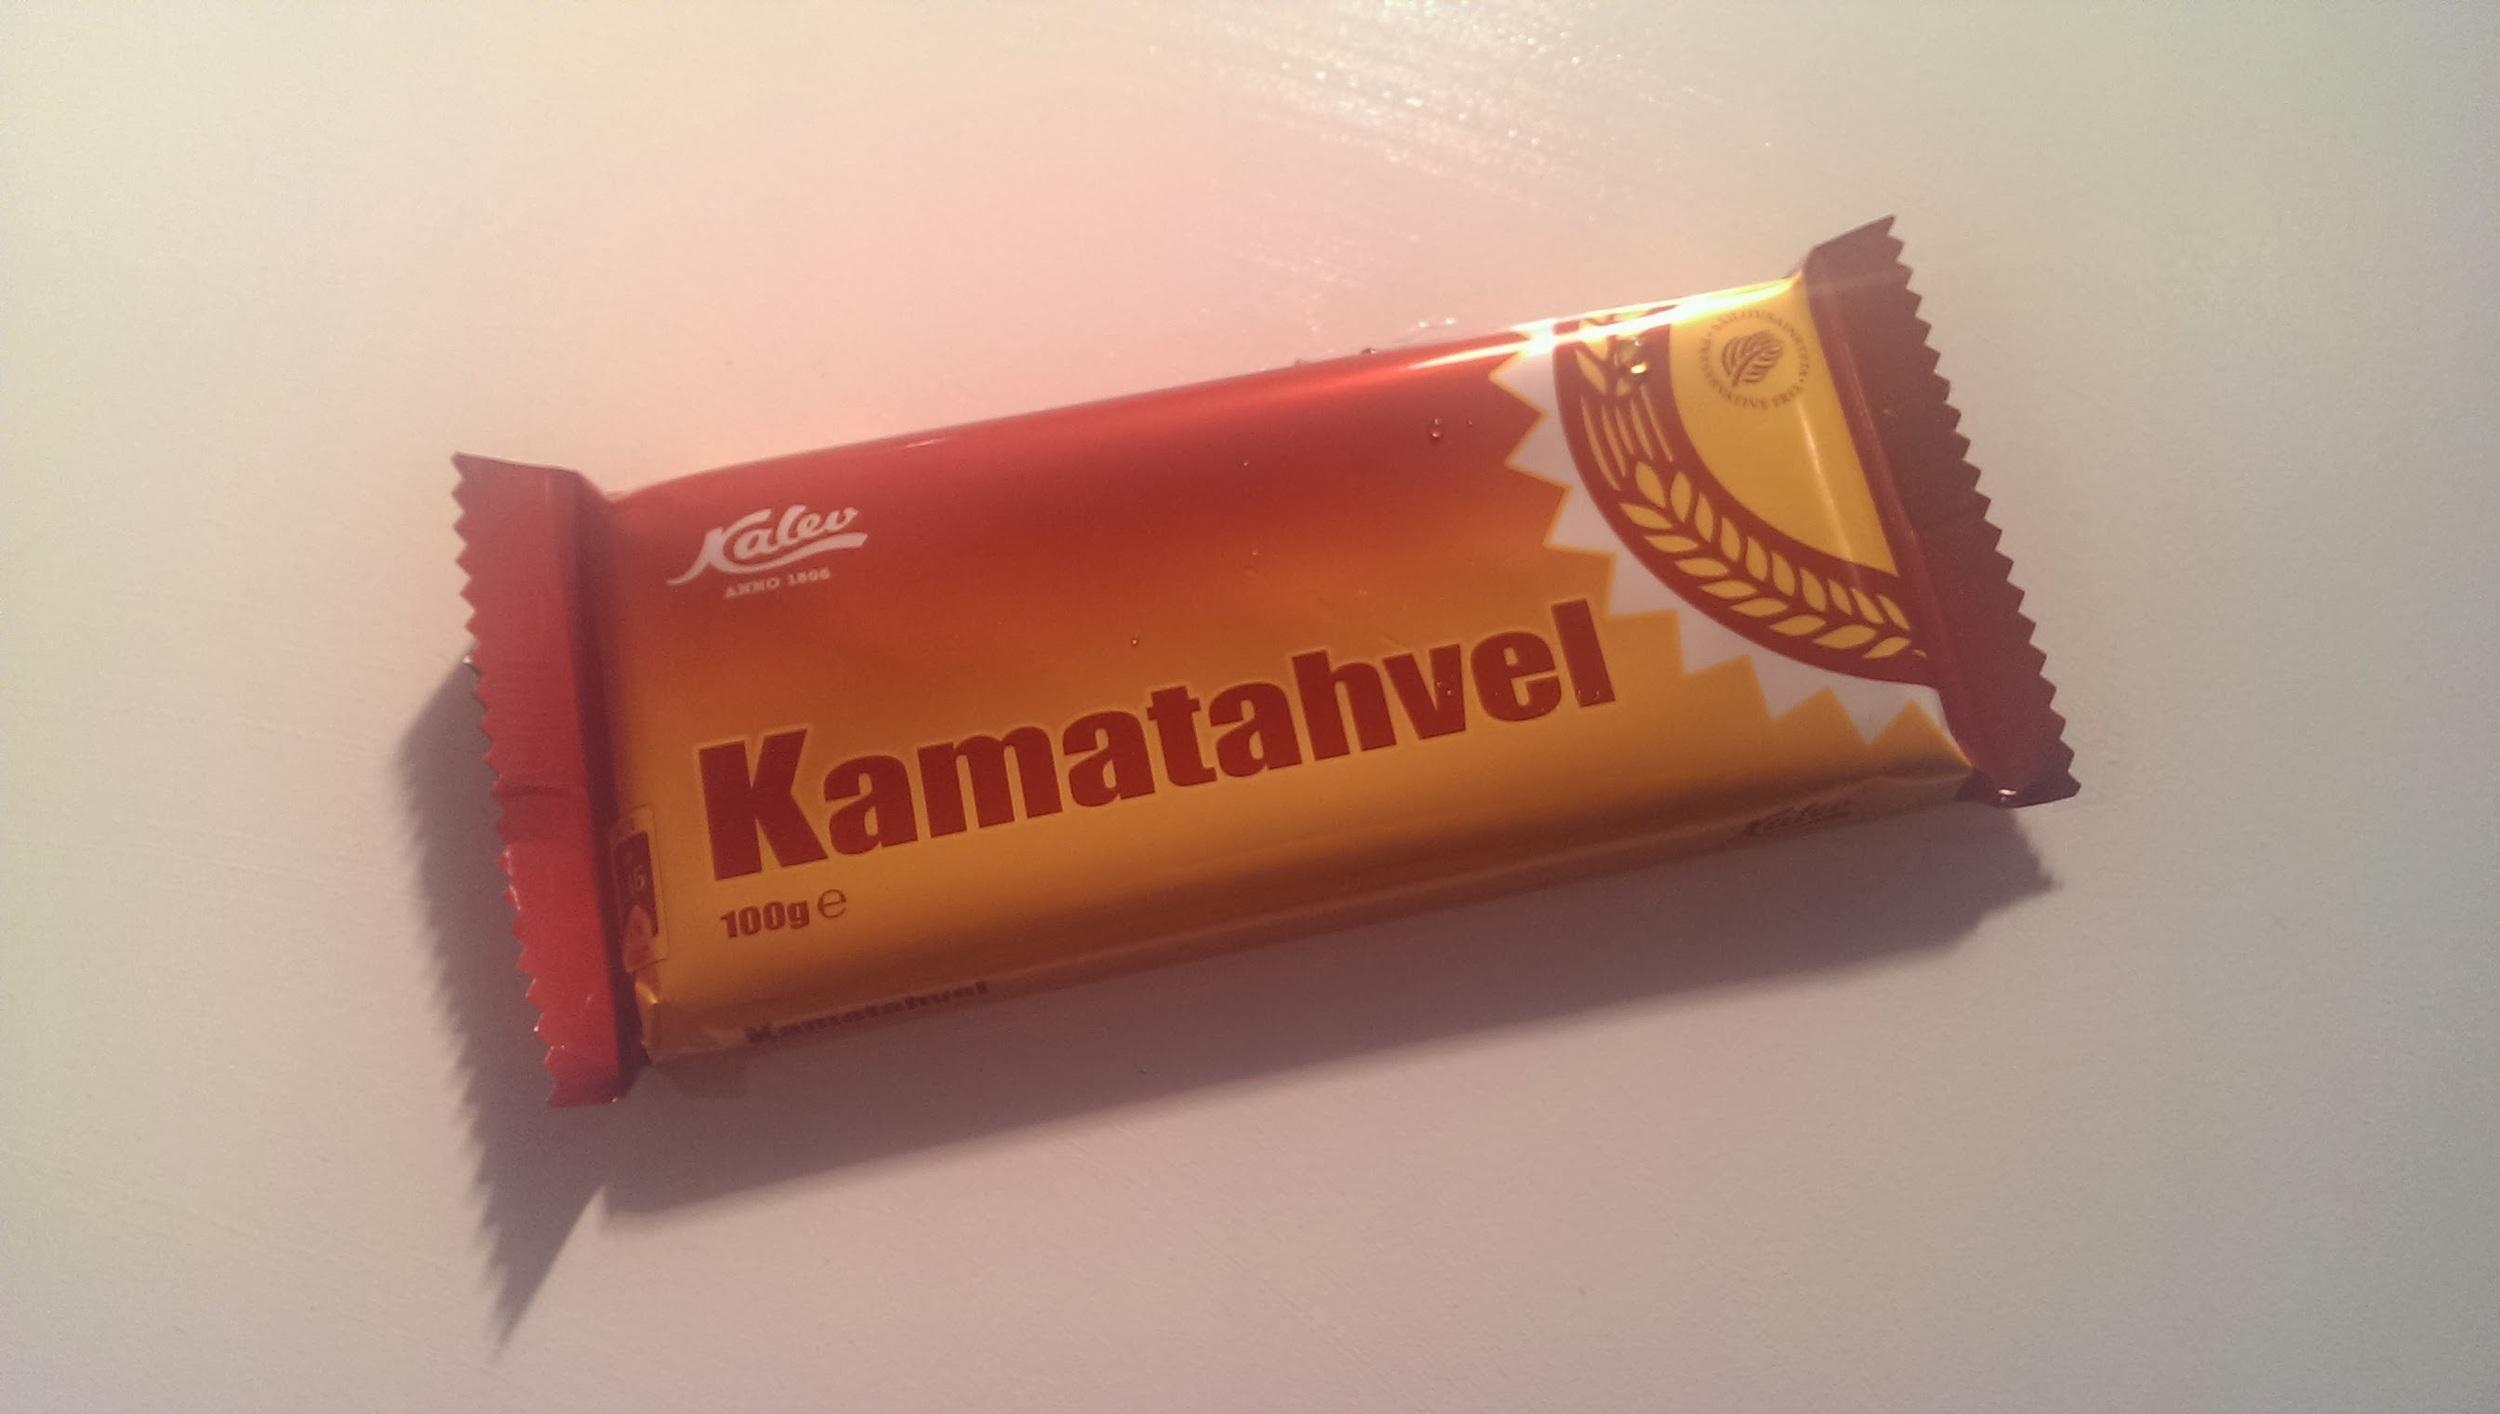 Kalev Kamatahvel